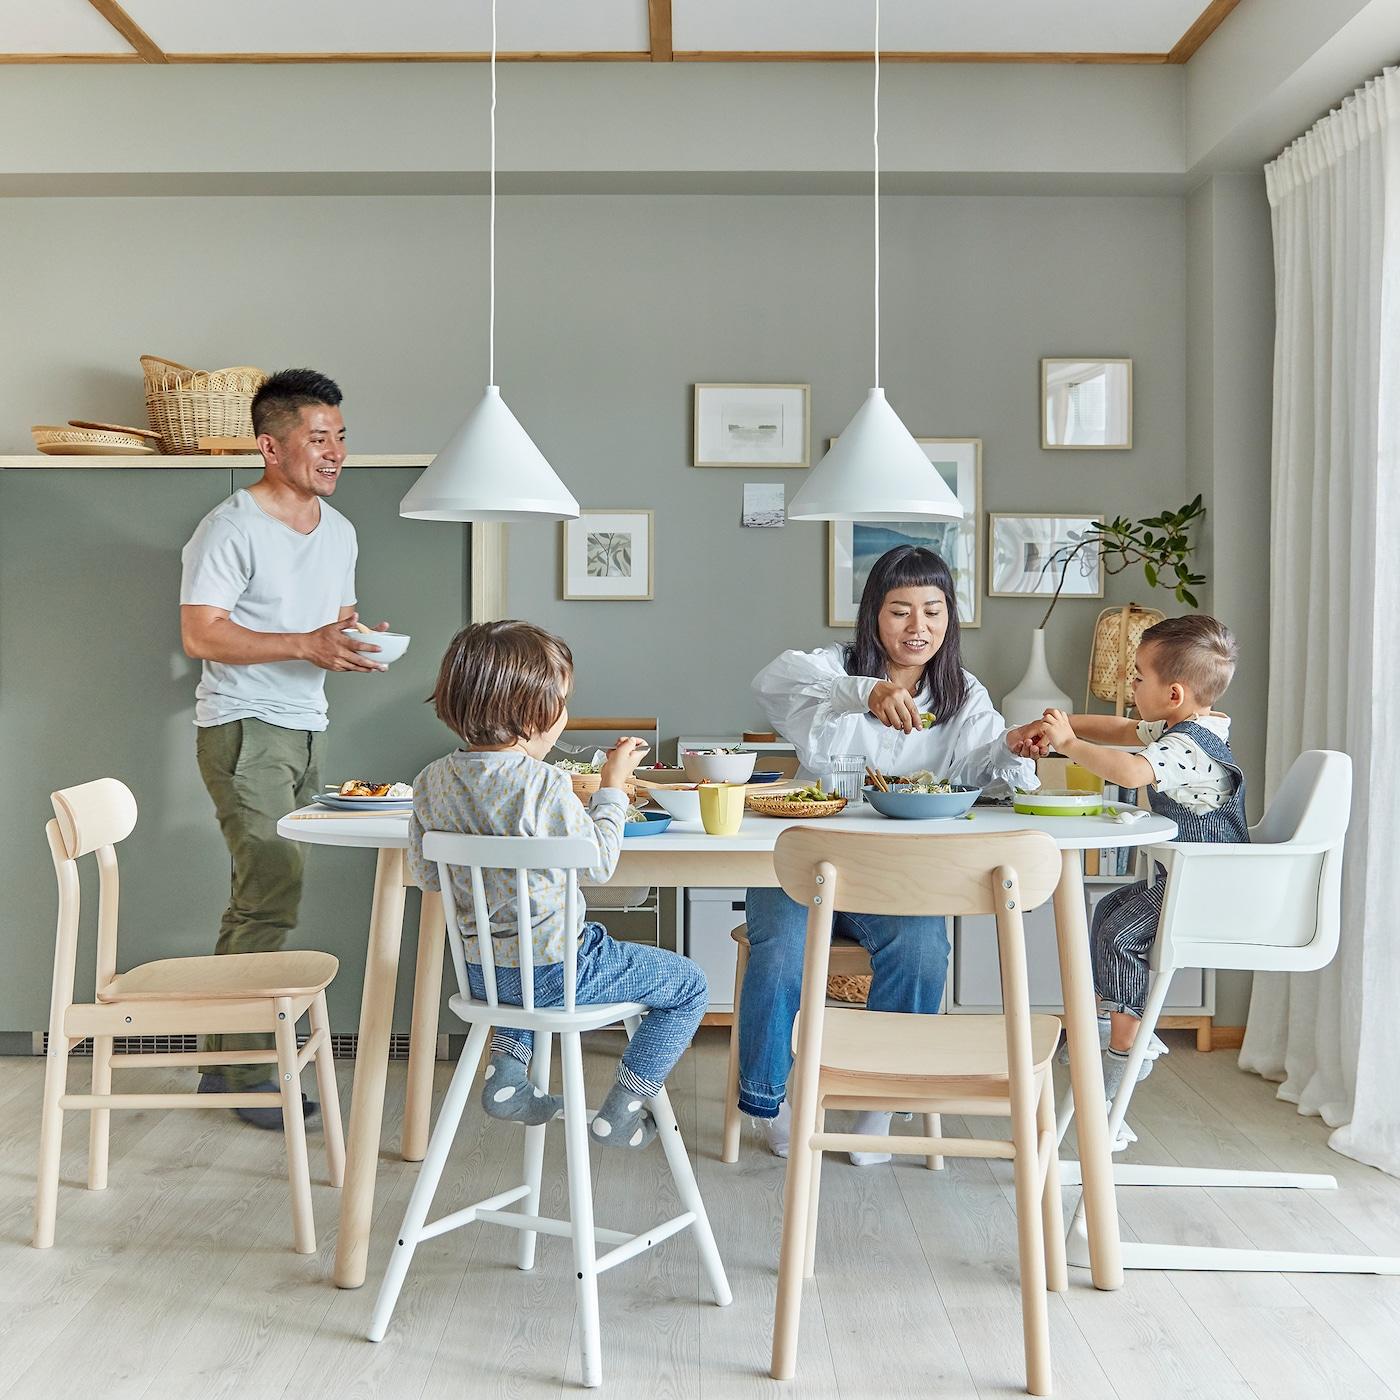 Perheen ruokailutila. Äiti ja lapset istuvat pöydän ääressä ja isä tuo tarjoilukulhoa pöytään.